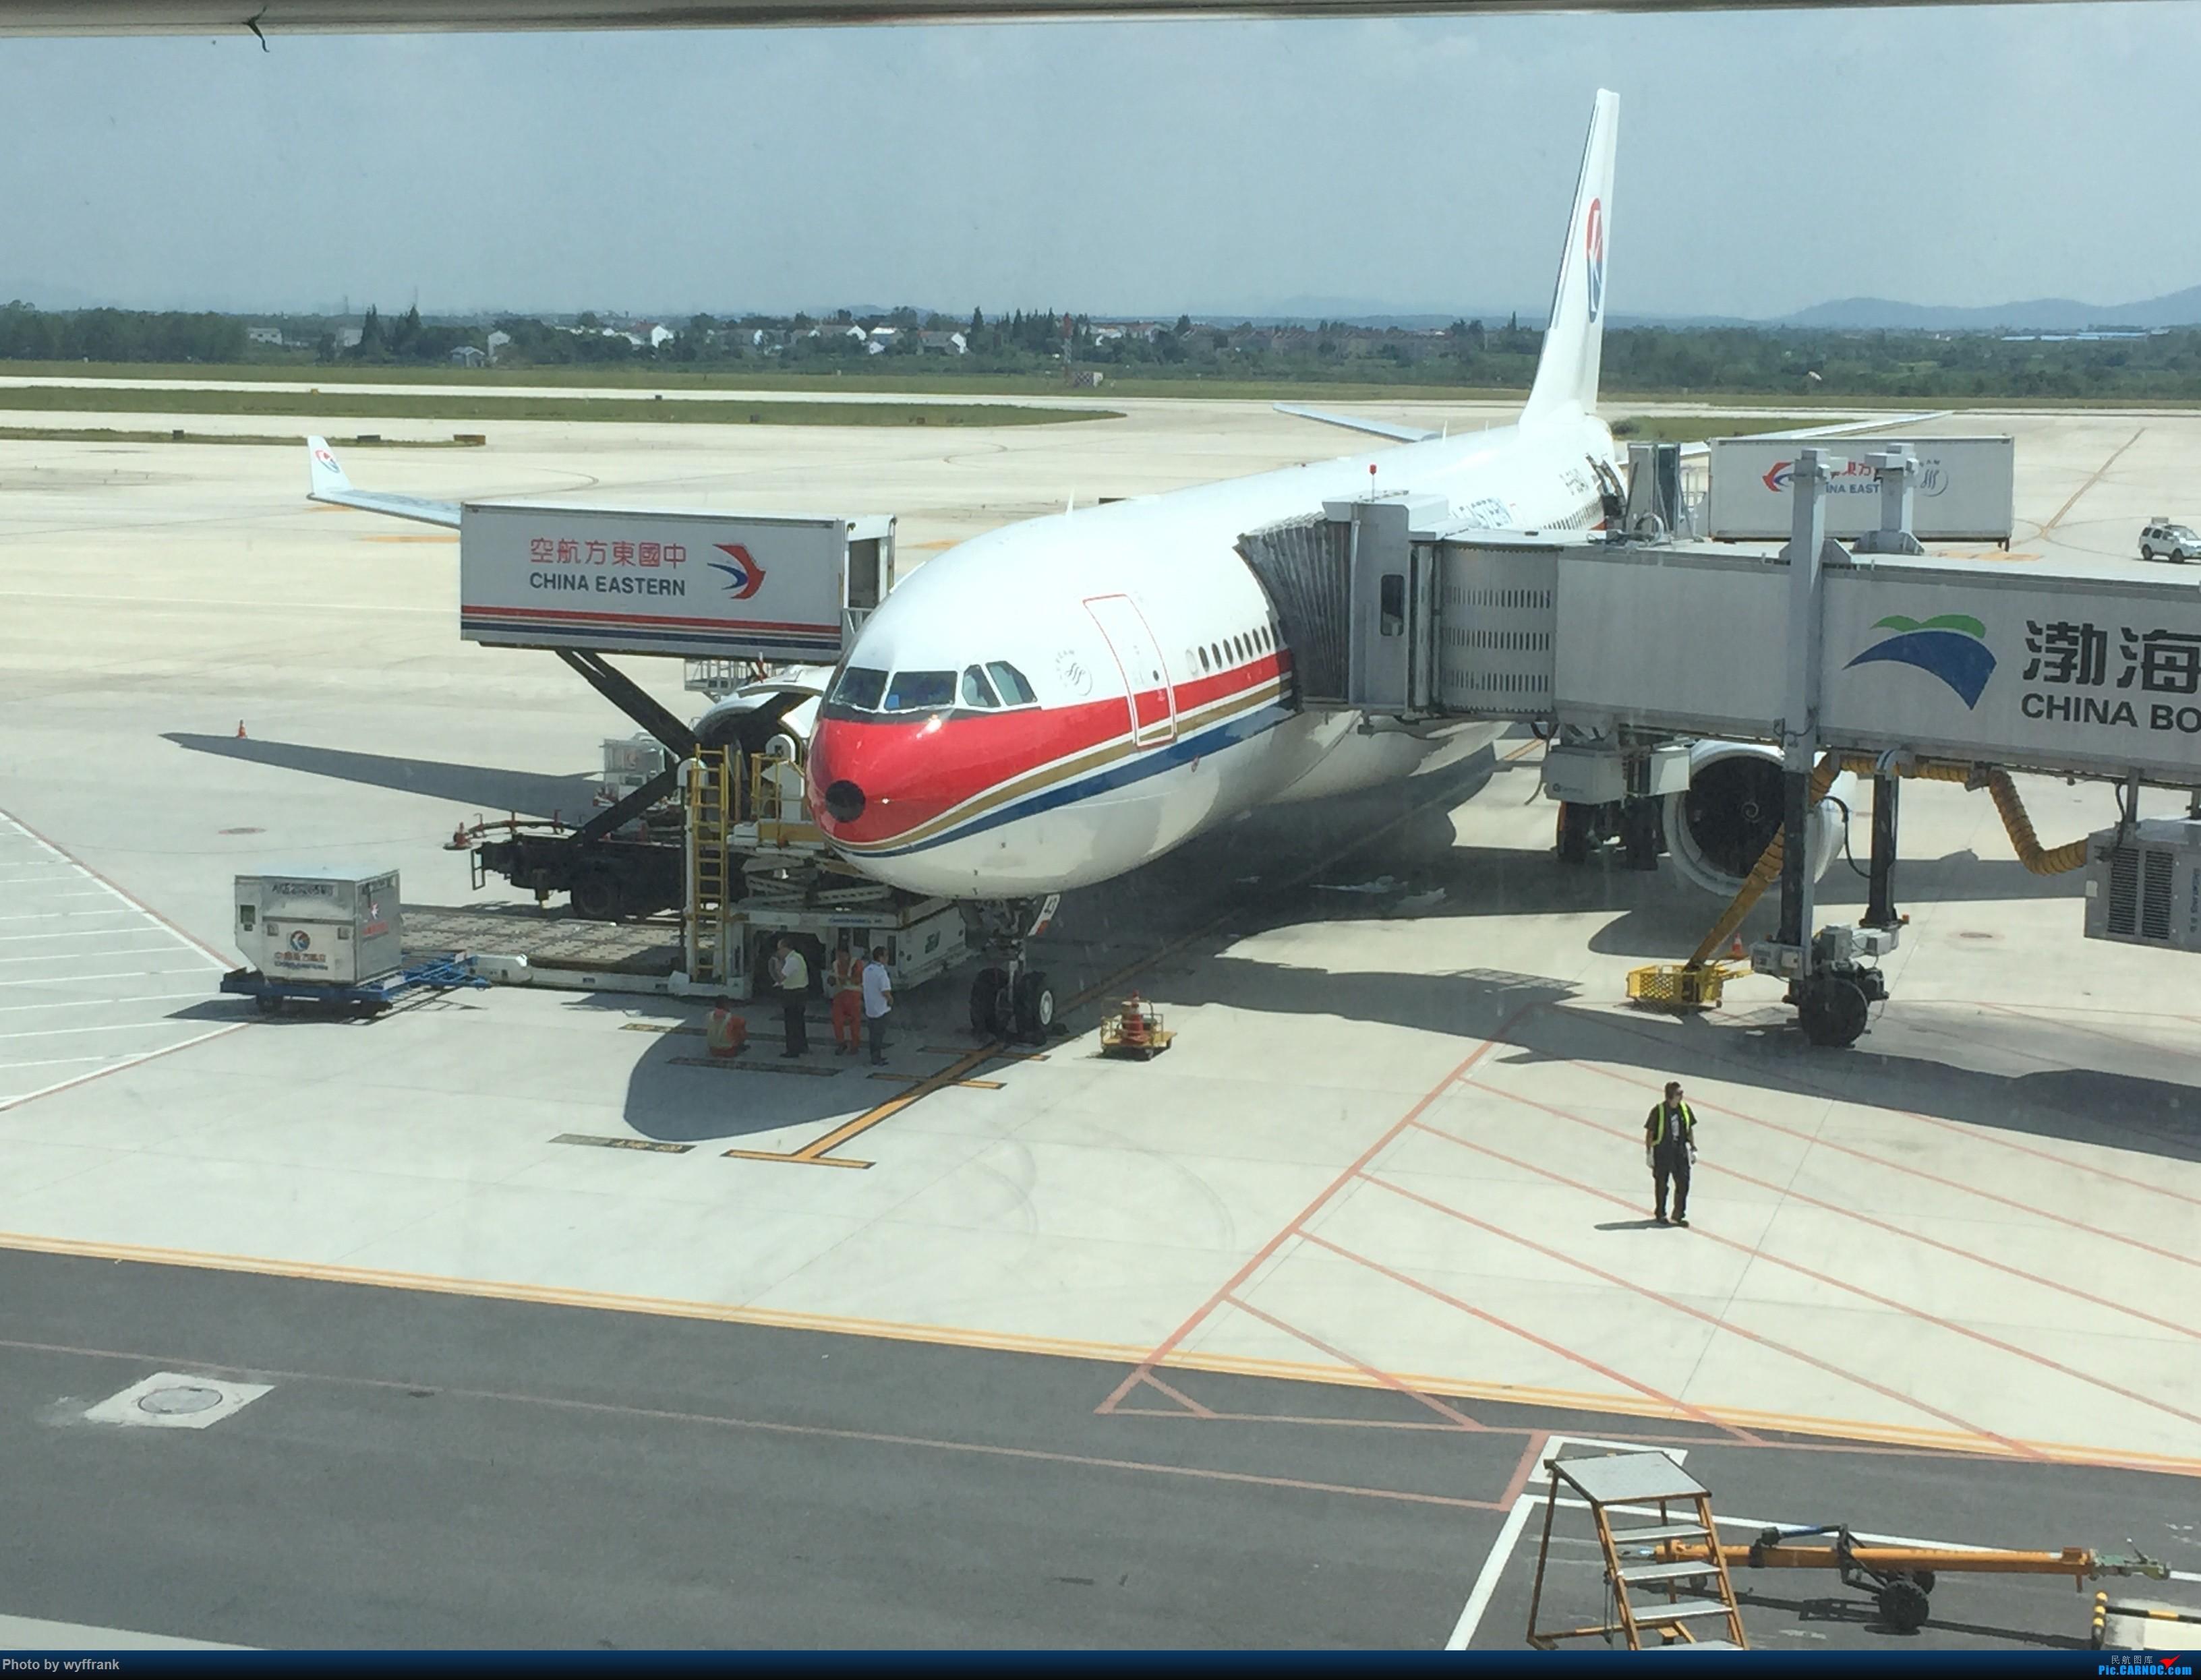 [原创]奔赴美帝.论坛首发MU2855,NKG-LAX AIRBUS A330-200 B-5943 中国南京禄口国际机场